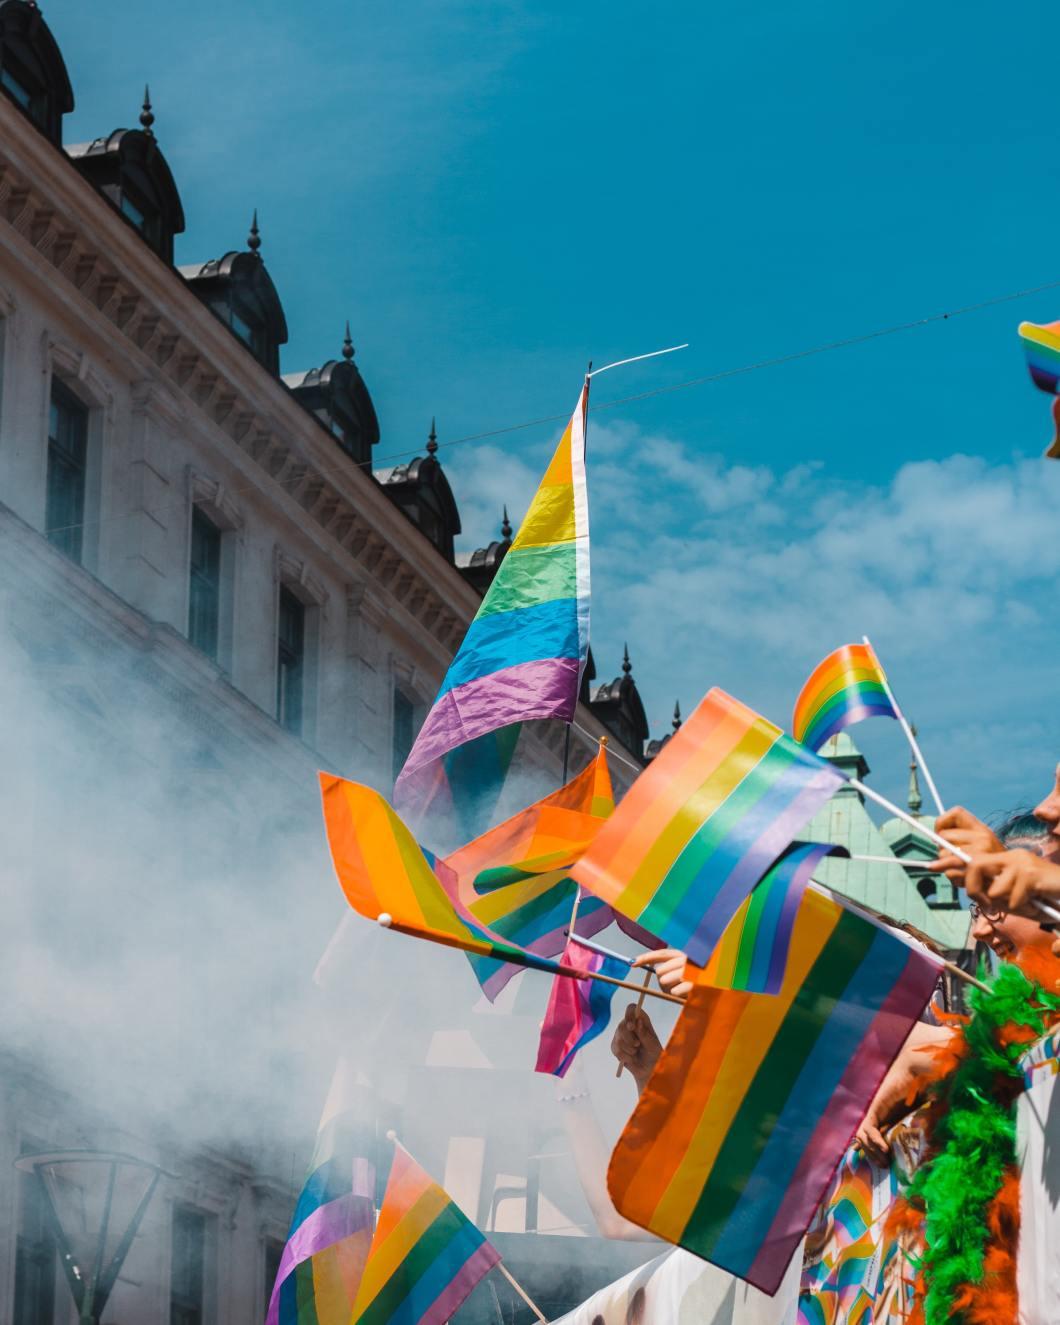 Hands waving rainbow flags against a skyline and sky